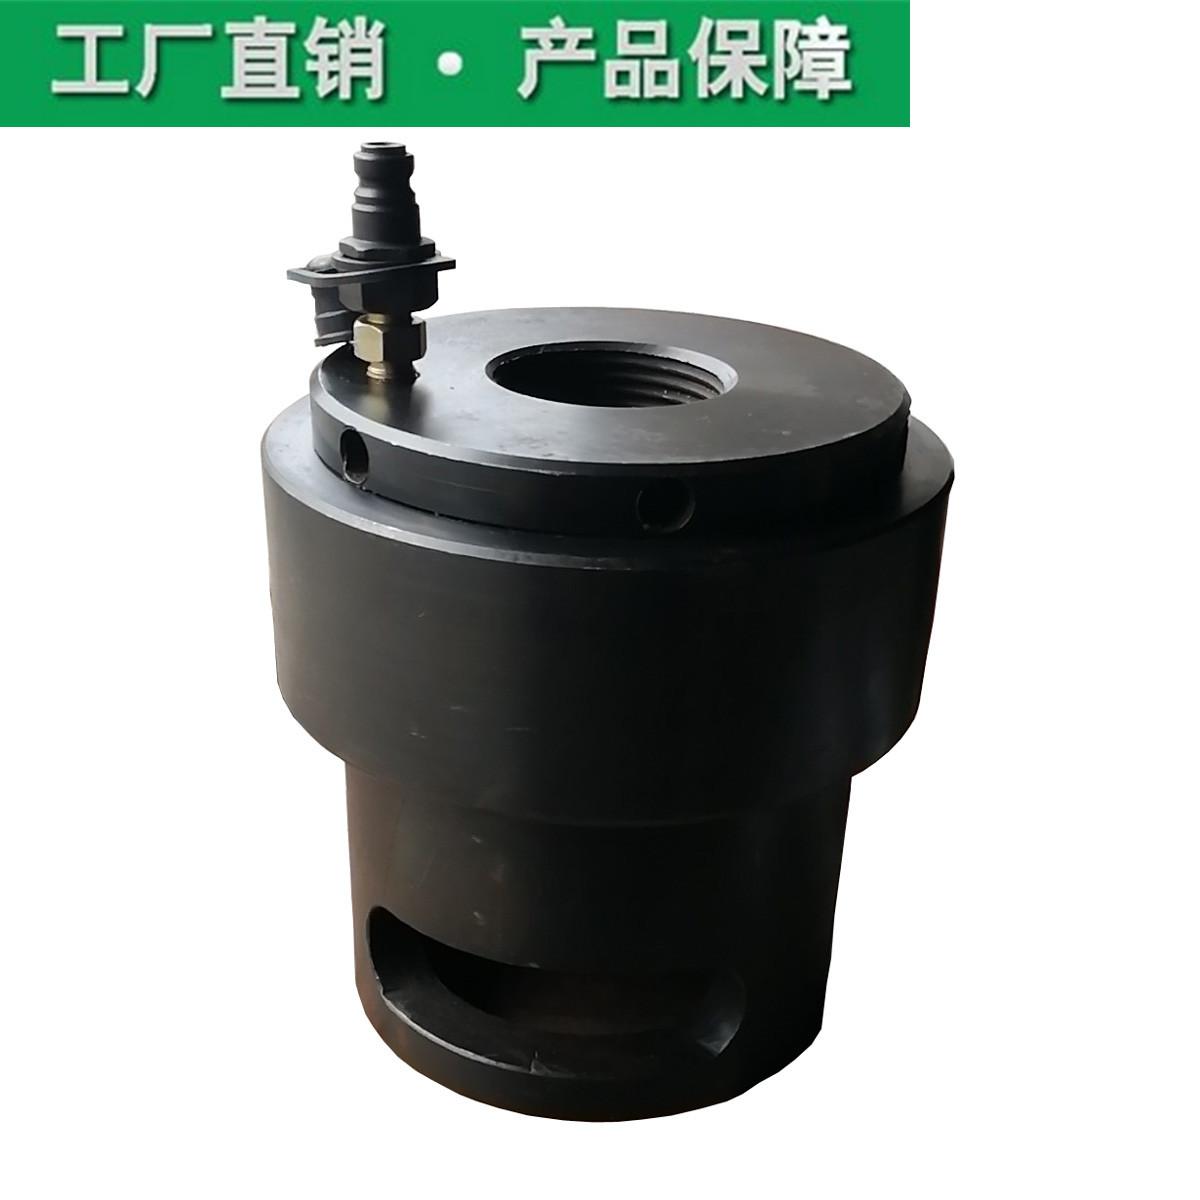 液压拉伸器_BC/博诚_超高压拉伸器_工厂加工